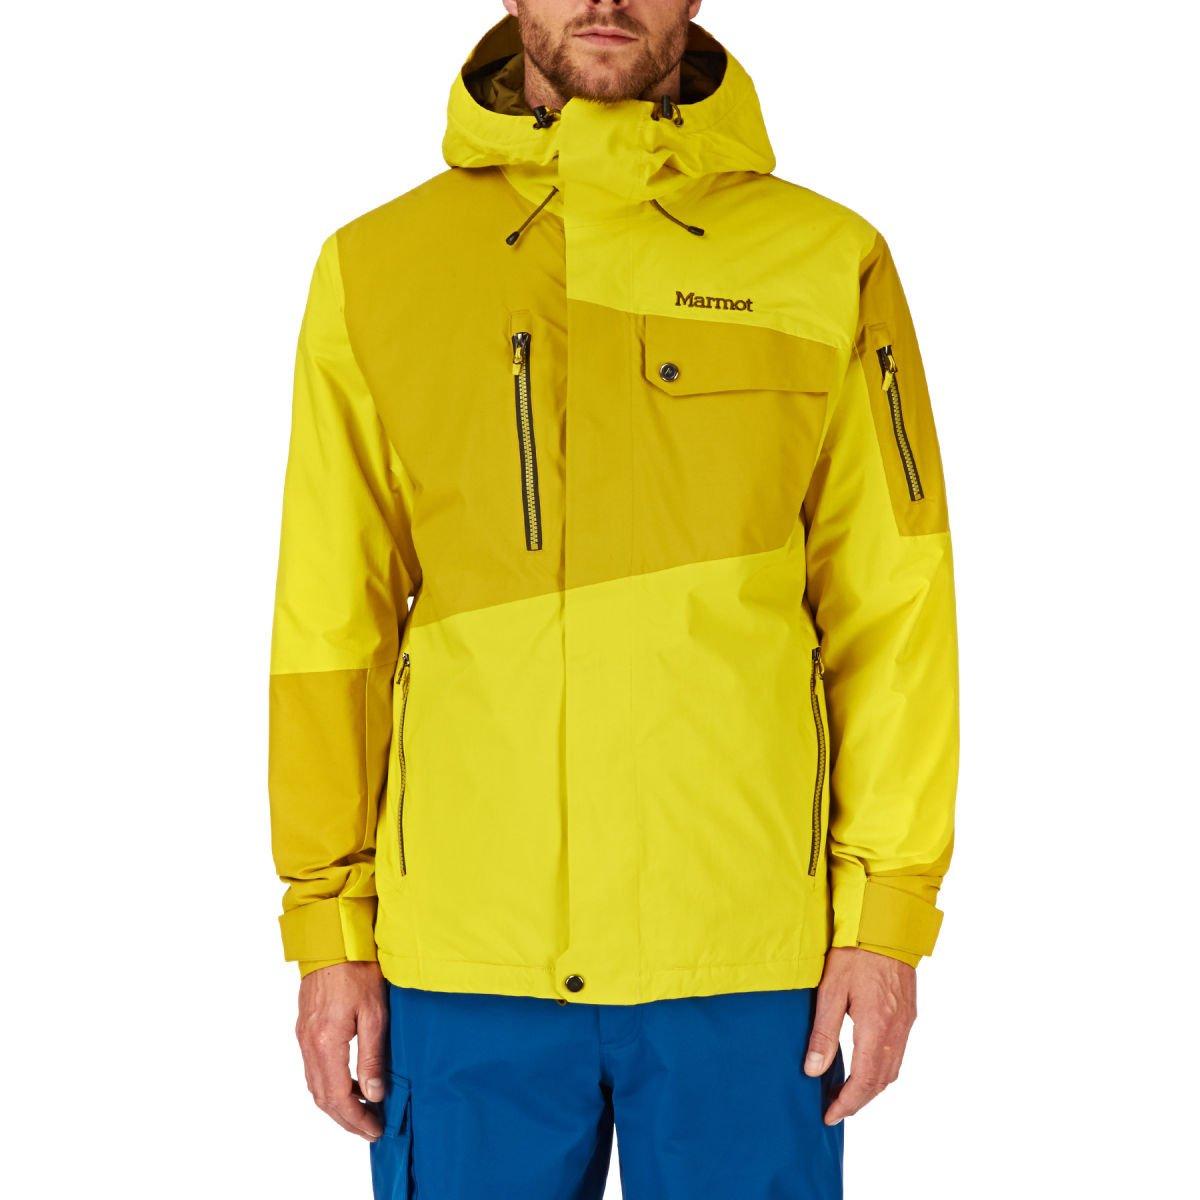 Herren Skijacke Tram Line Jacket jetzt bestellen